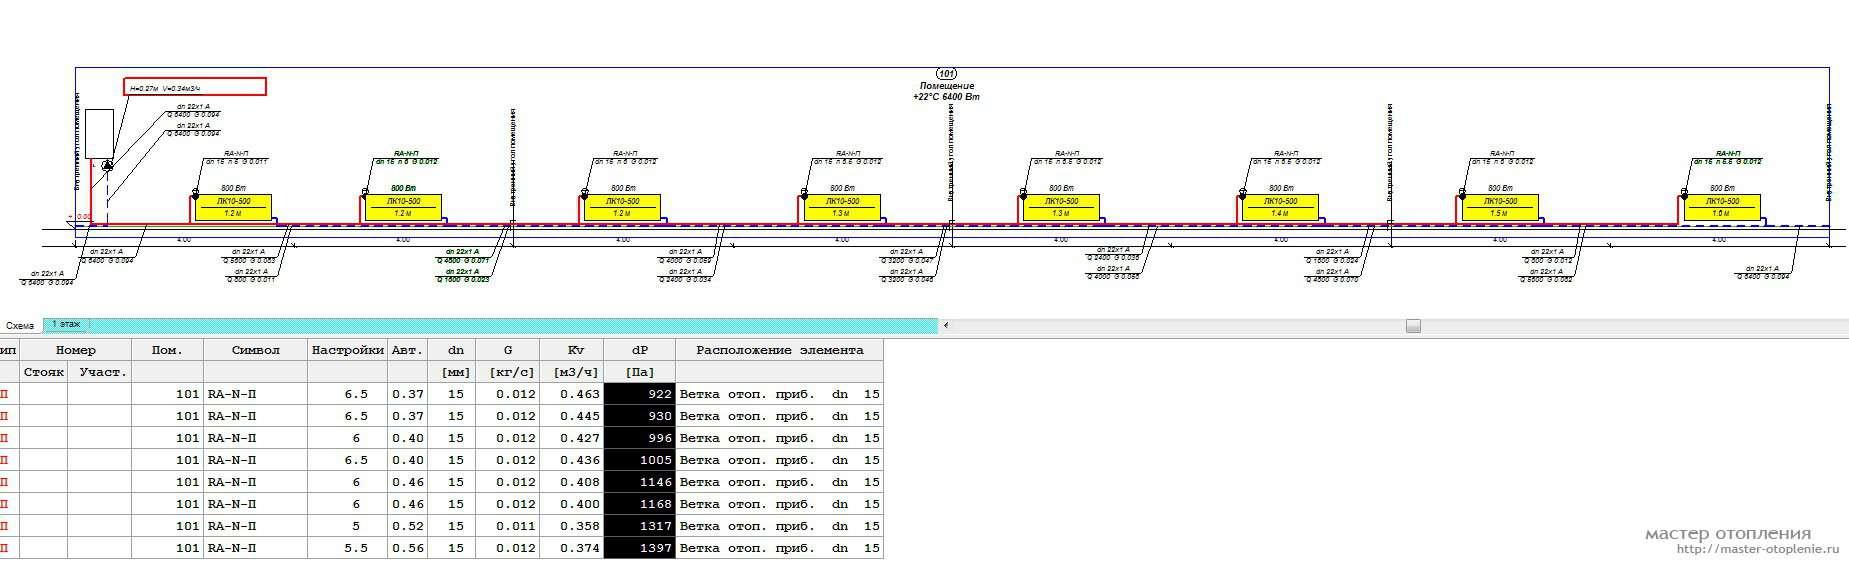 двухтрубная двухконтурная система отопления схема